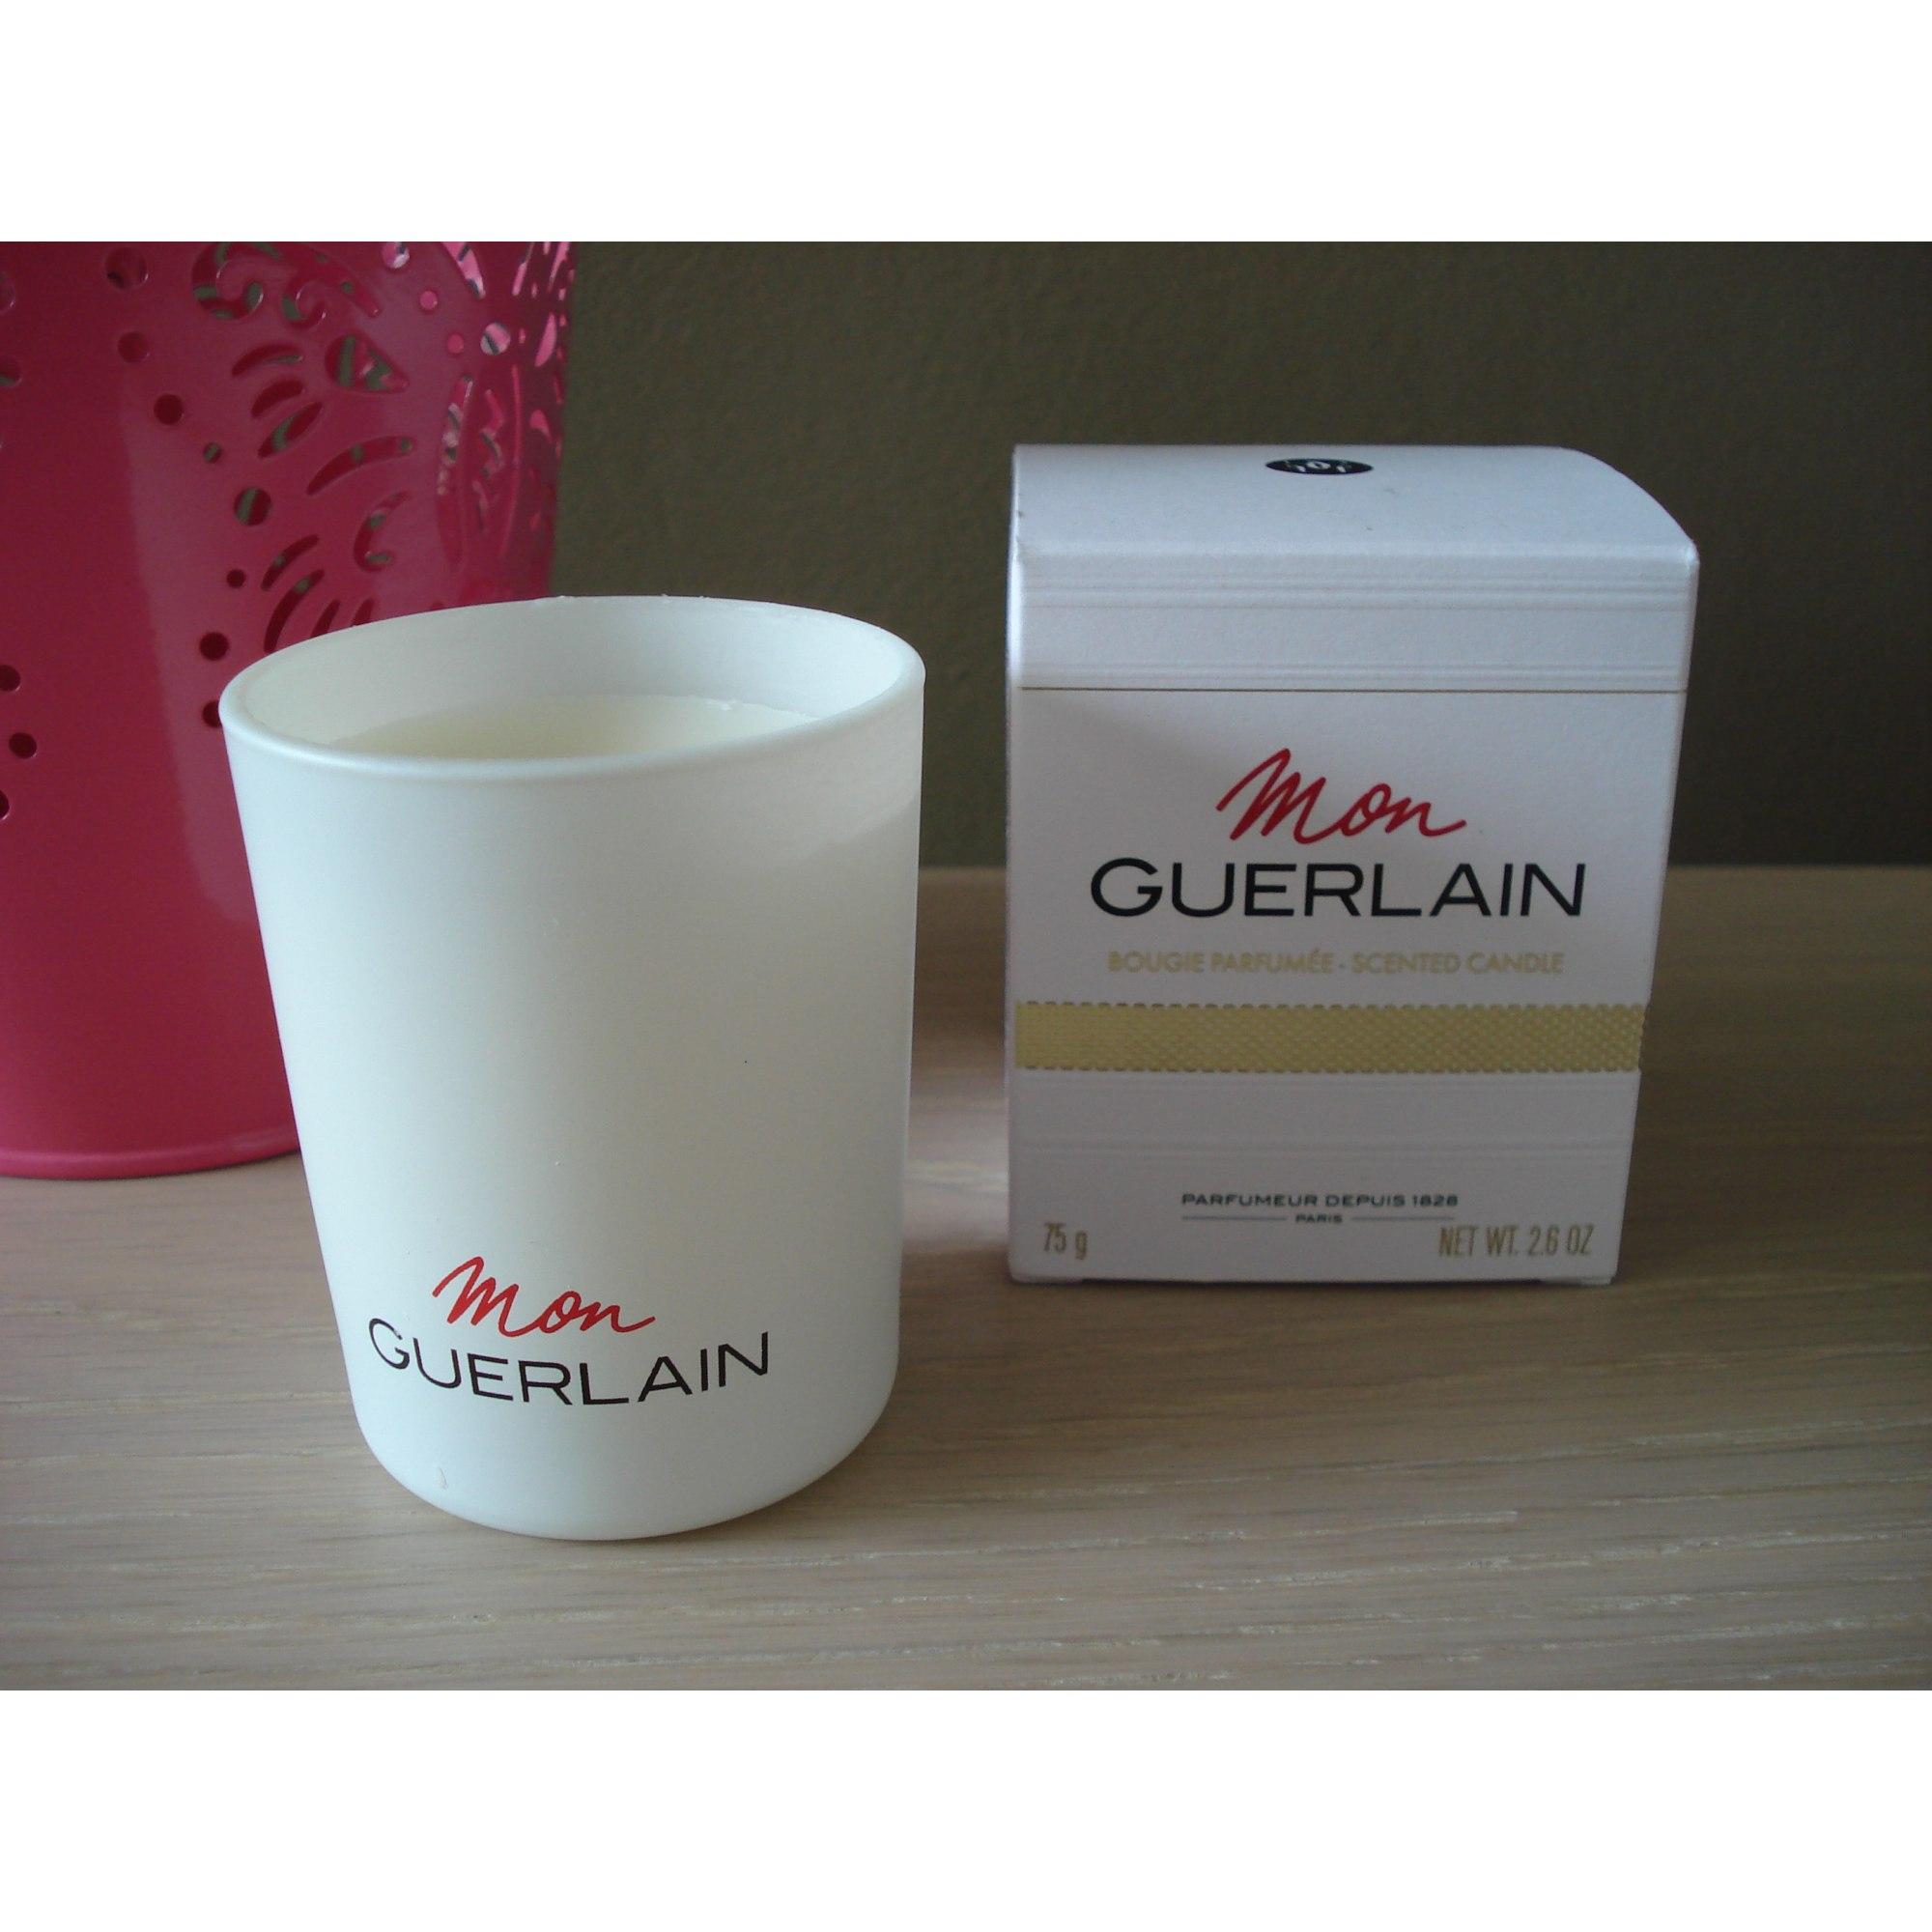 Parfumée Bougie Bougie Parfumée Parfumée Guerlain Guerlain Parfumée Bougie Guerlain Guerlain Bougie Bougie N8ny0vmwO